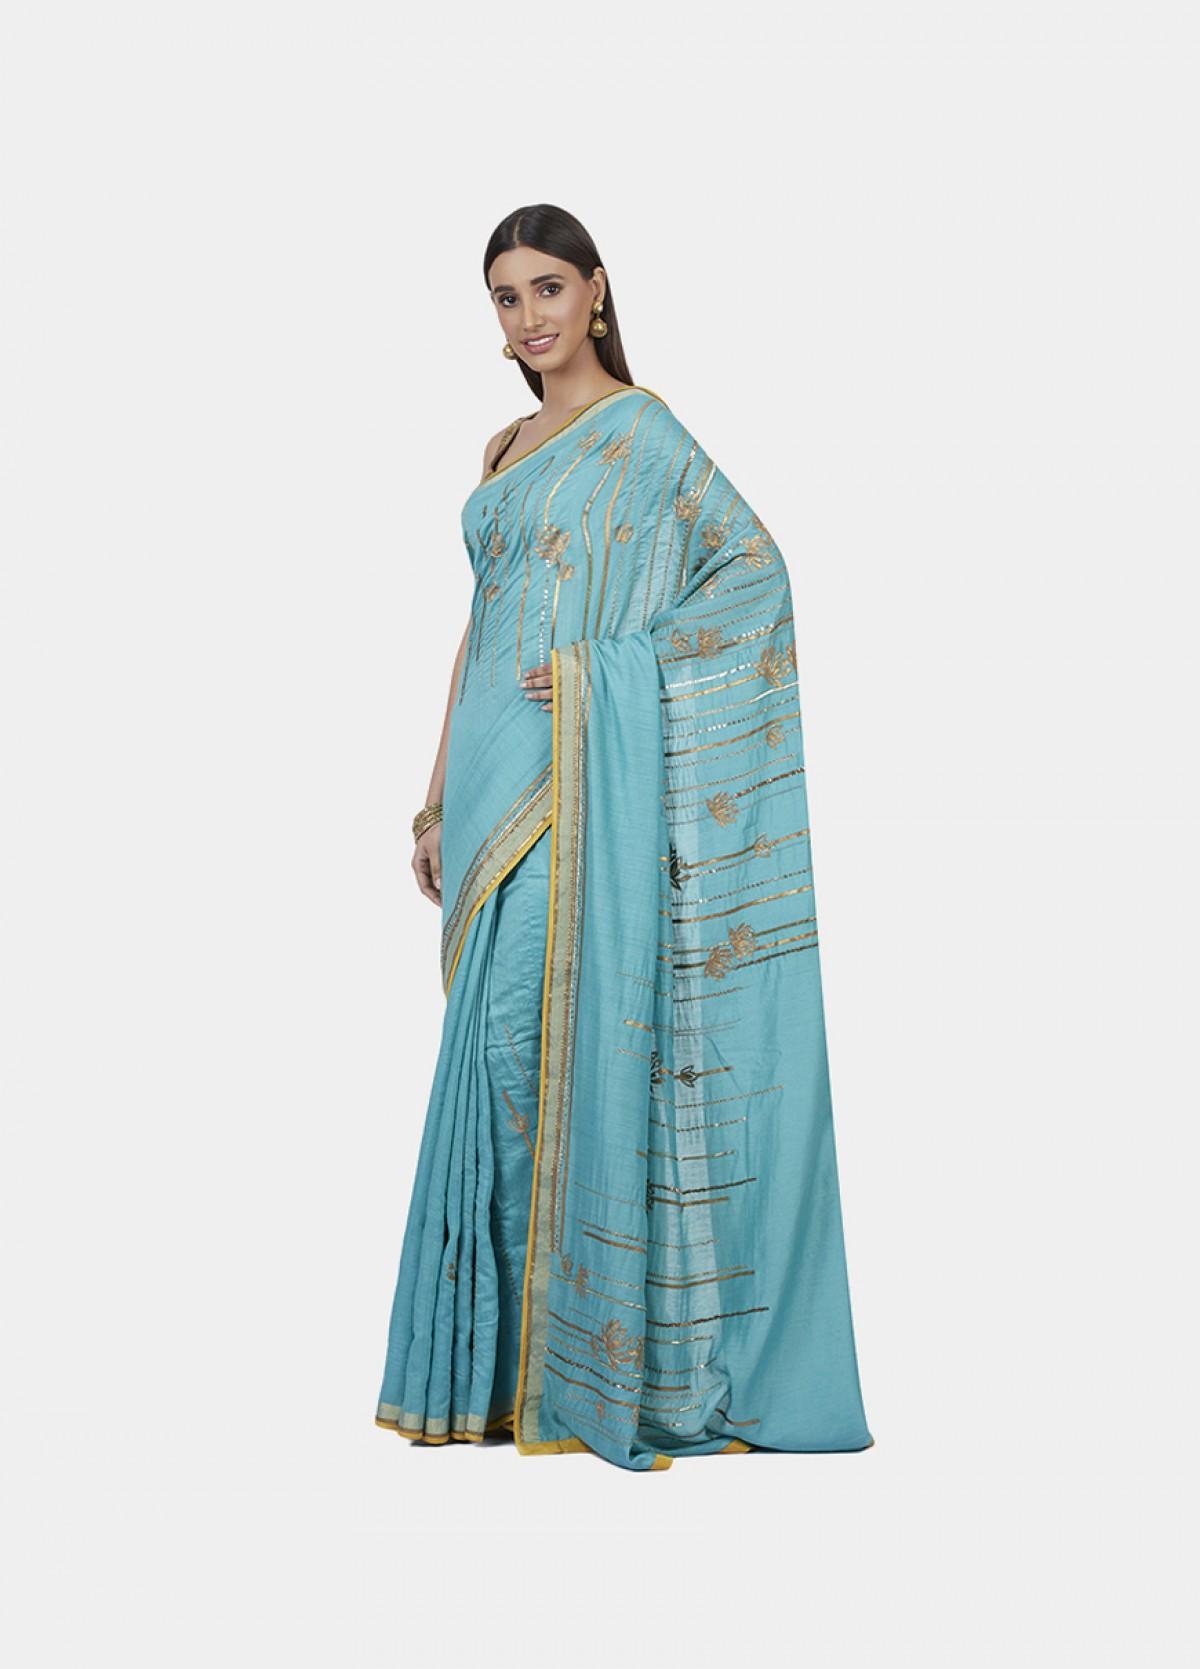 The Lotus Gleam Sari